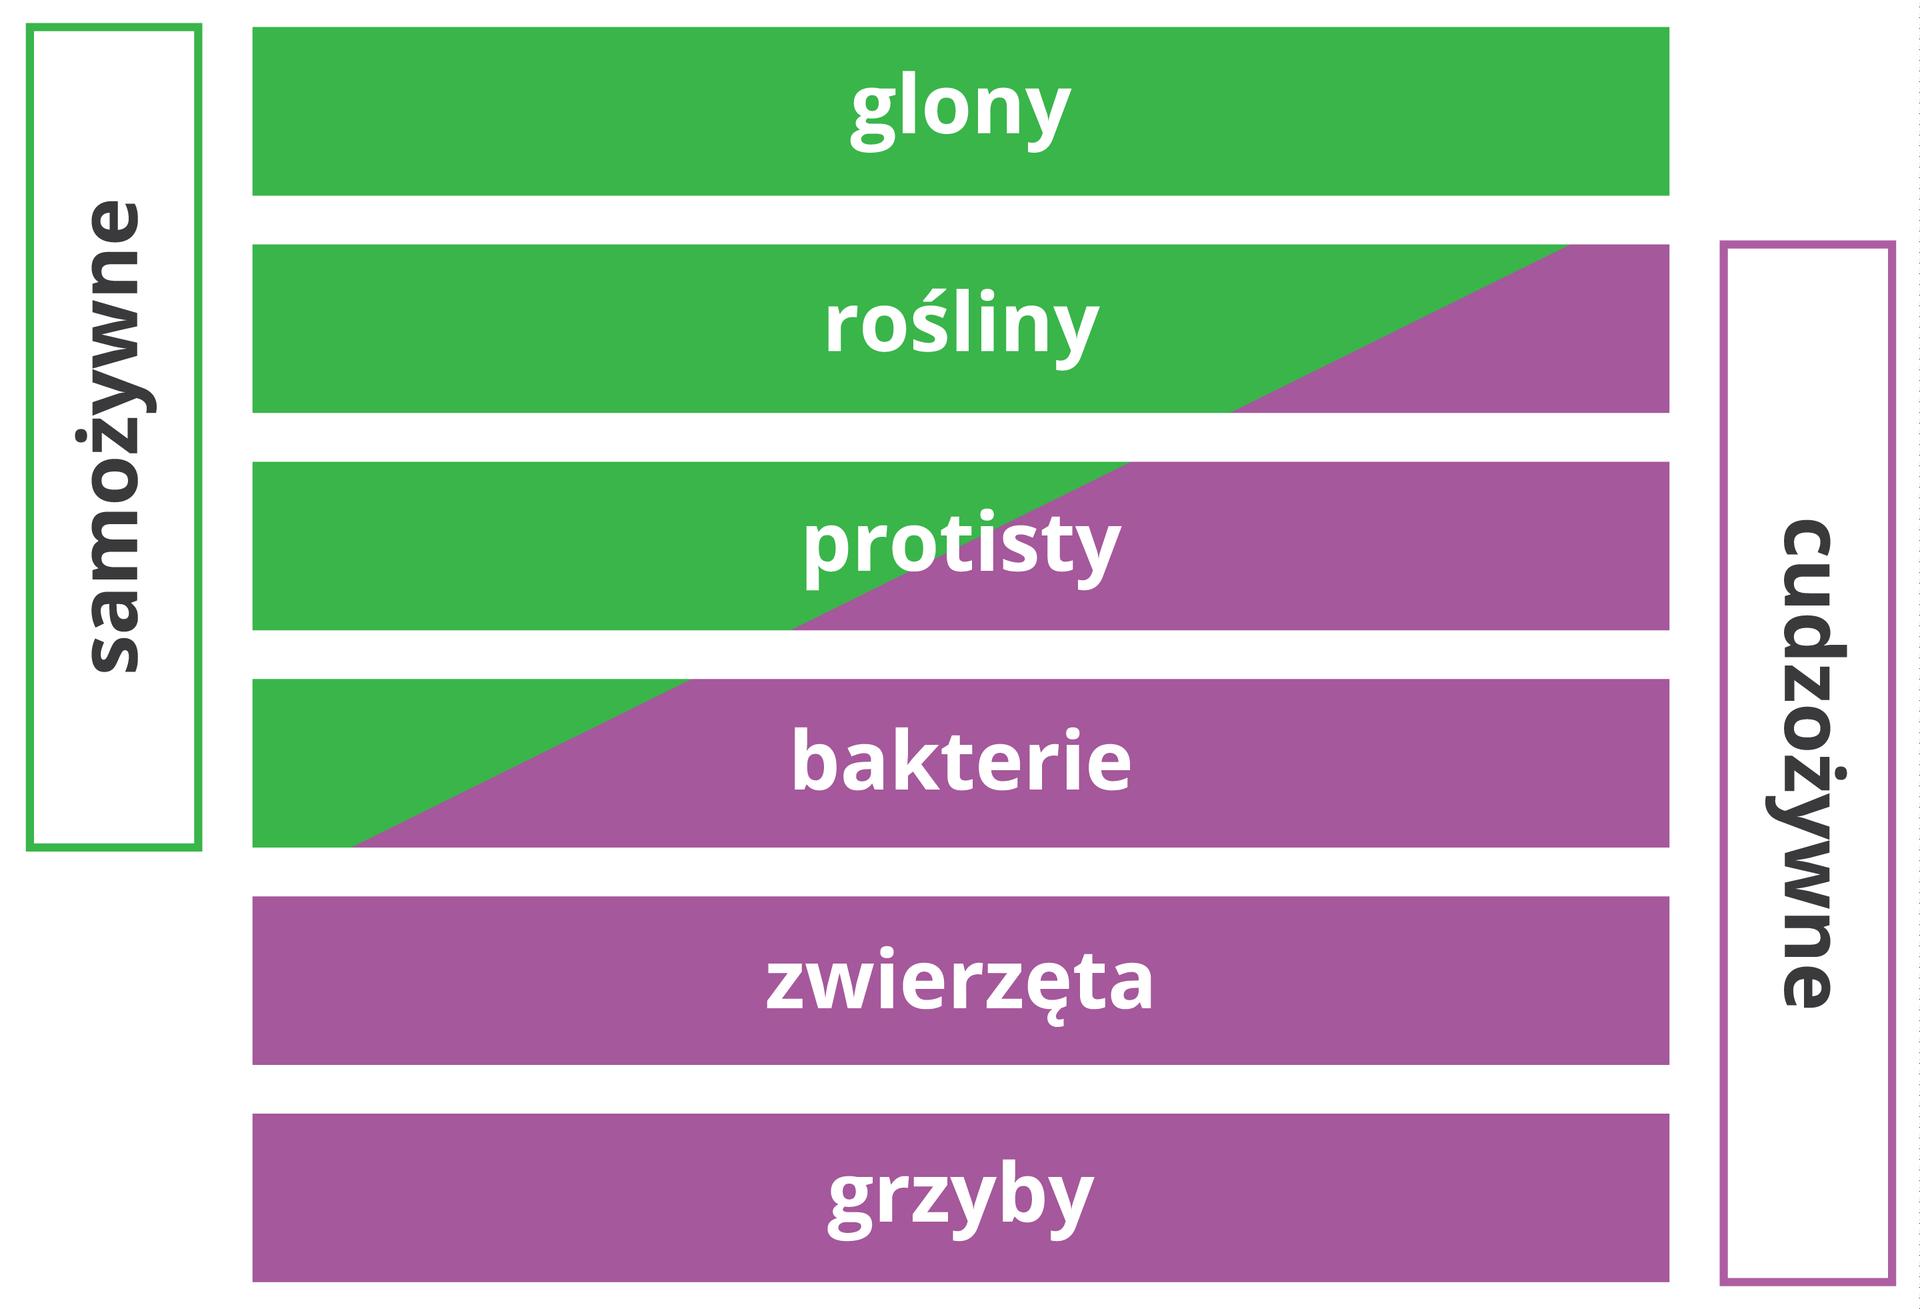 Schemat pokazuje prop zwierzeta igrzybyorcje organizmów samo- icudzozywnych. Samożywne są glony. Wśród roślin, protistów ibakterii są organizmy samo- icudzożywne. Cudzożywne są zwierzeta igrzyby.